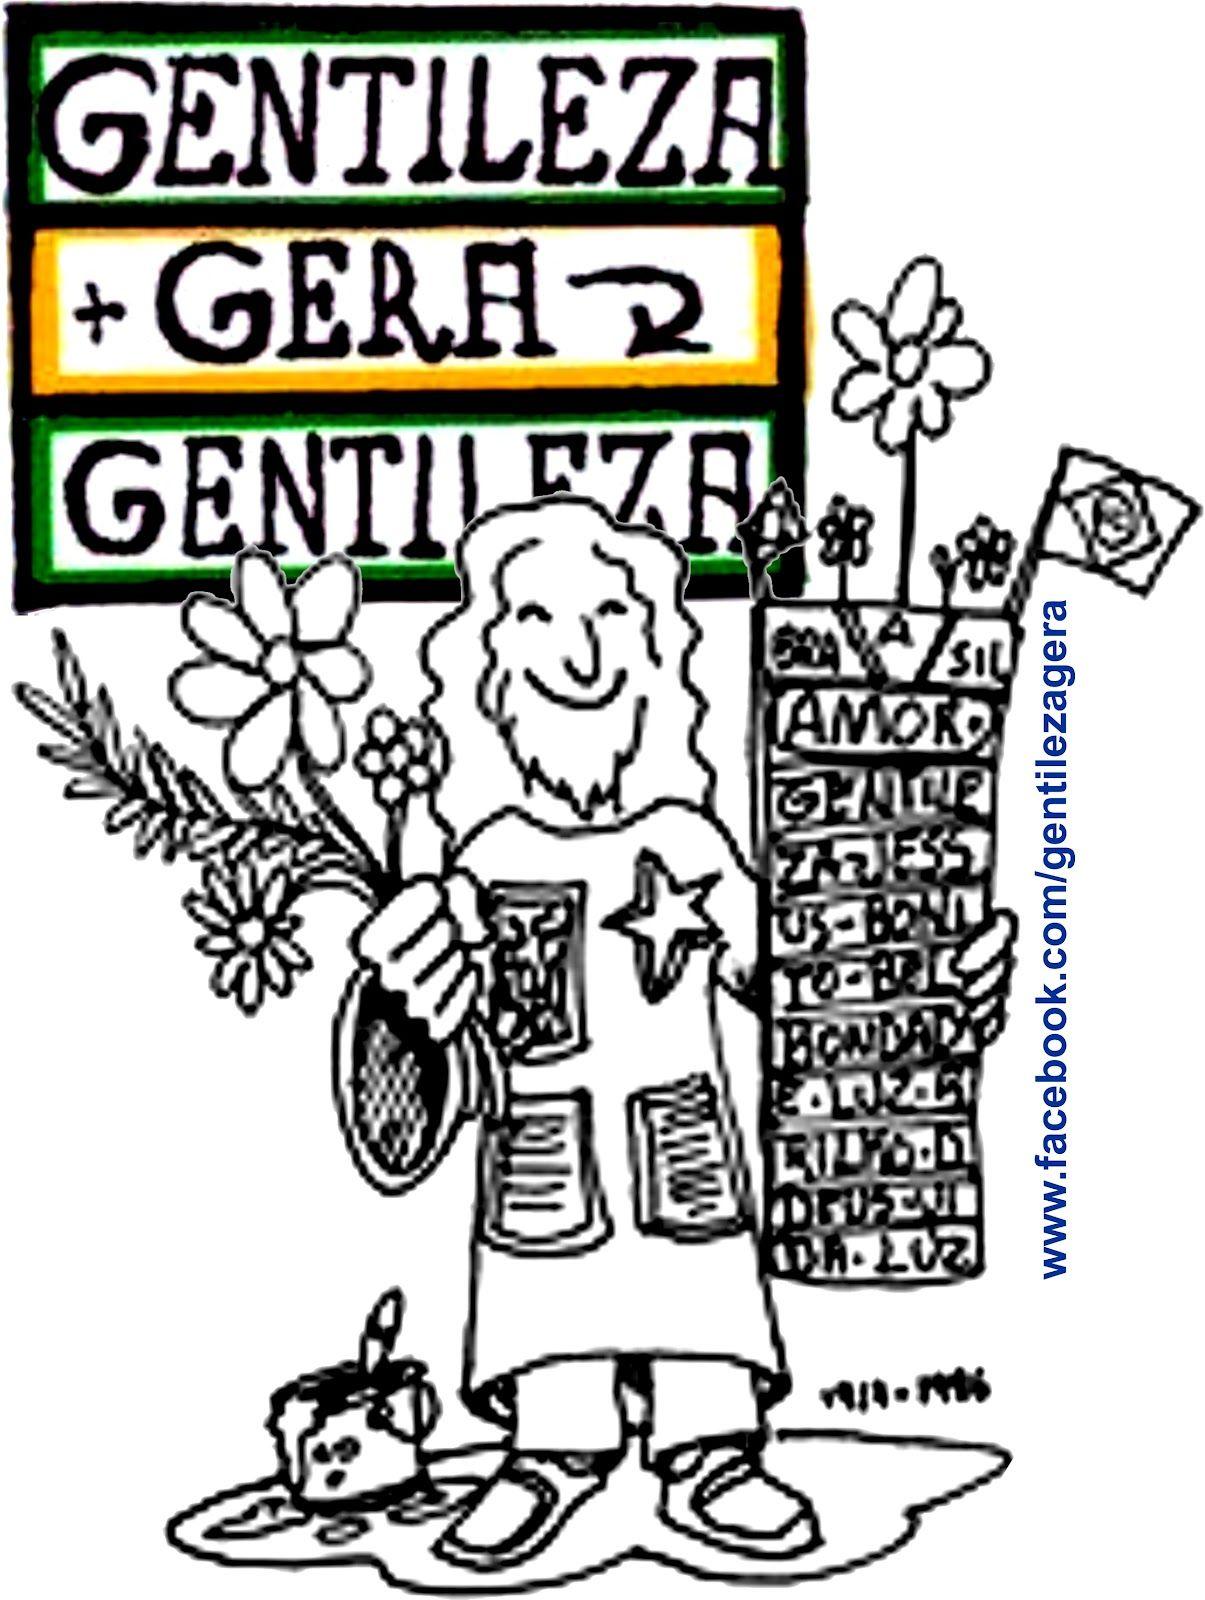 Gentileza Gera Gentileza: Loja de Camisetas | Quotes, phrases ...